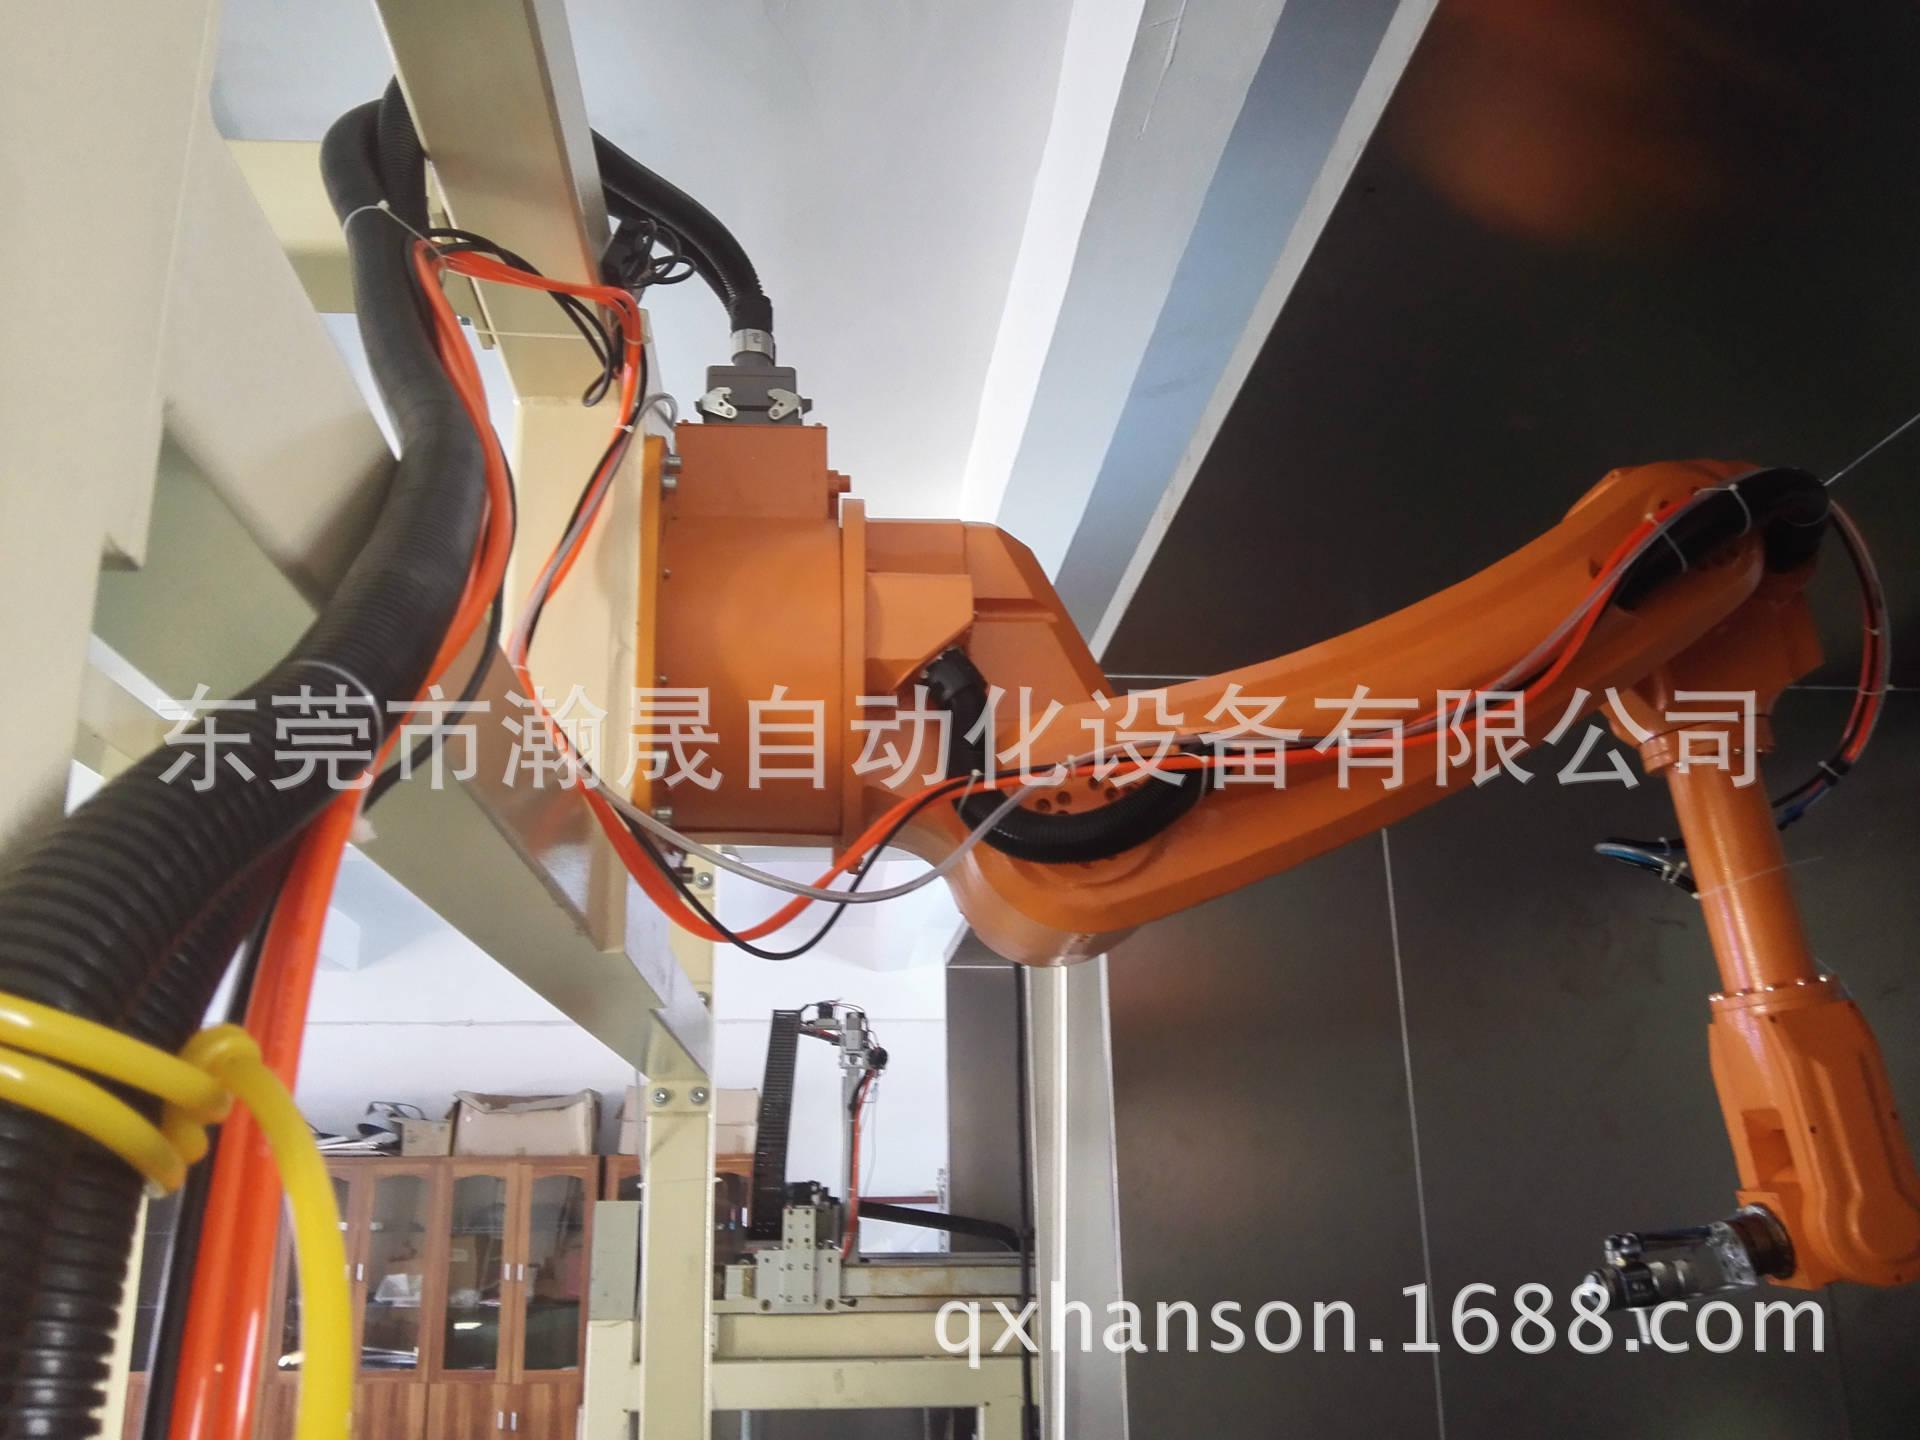 工业机器人 工业机器人 涂装车间 汽车涂装机器人 阿里巴巴高清图片